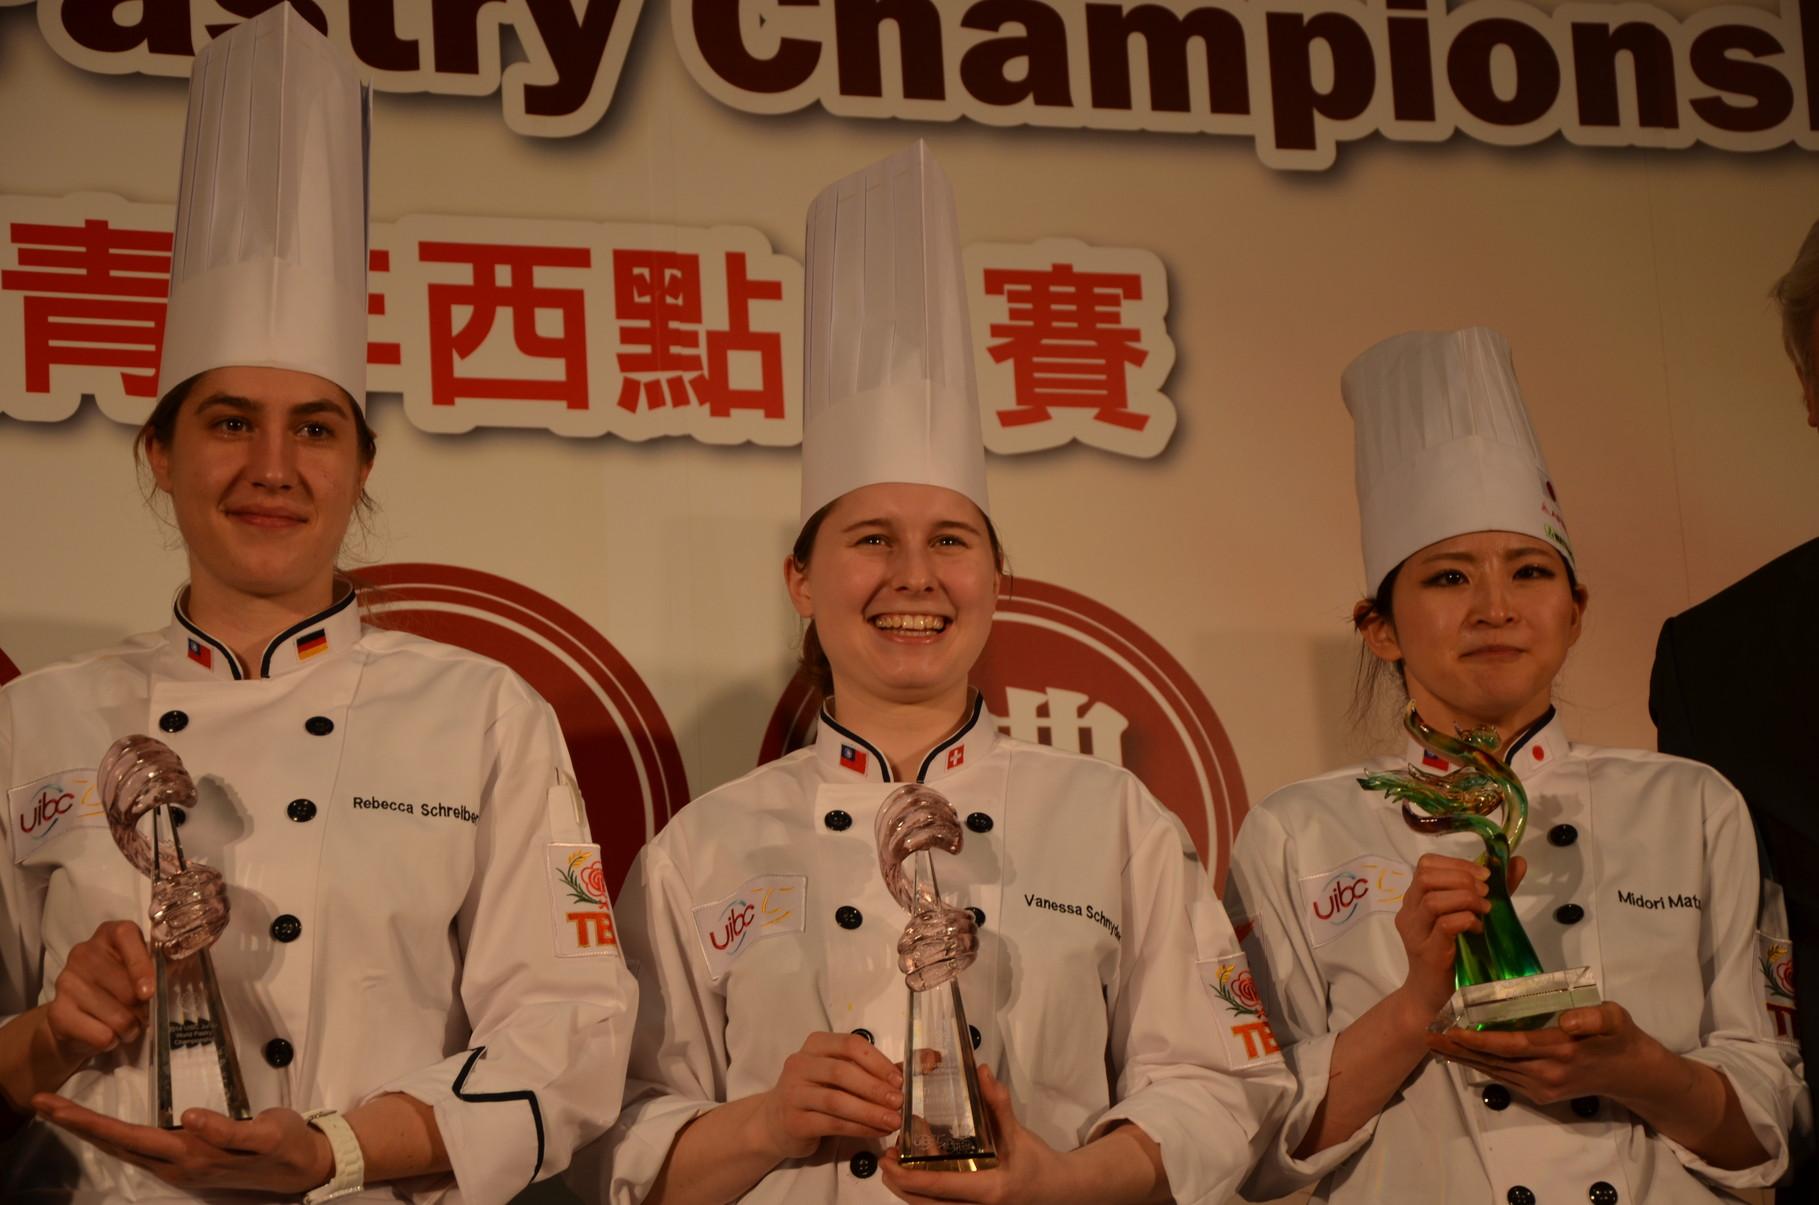 Hurra geschafft, Vice-Weltmeisterin, was für ein Titel nach 2 Jahren harter Arbeit.